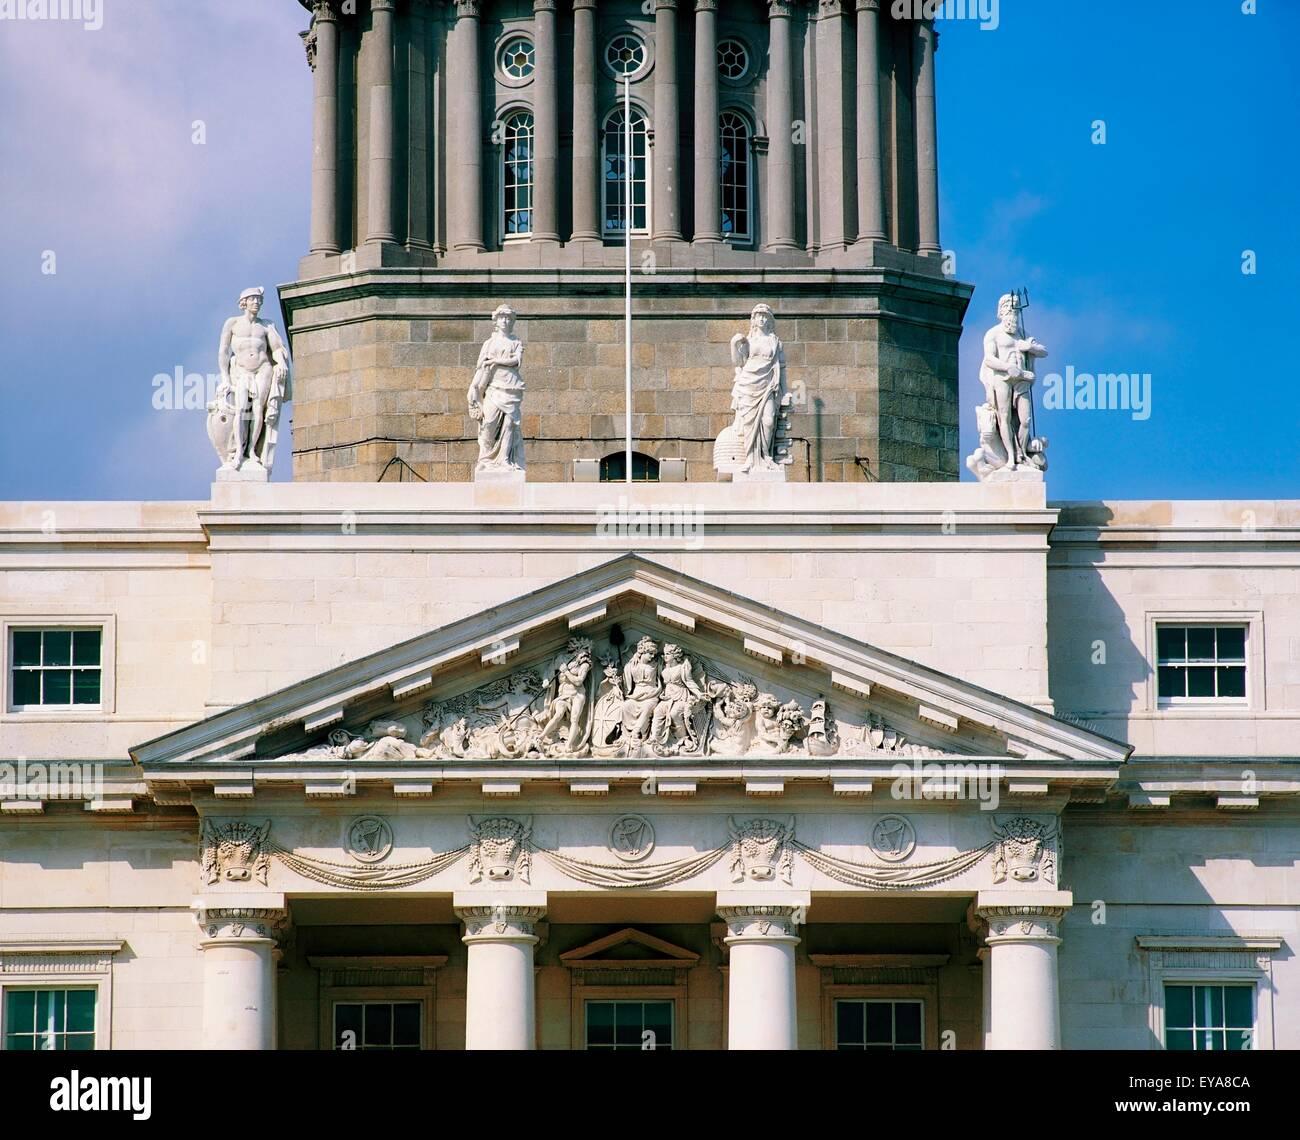 River Gods Of Ireland, Custom House, Dublin, Co Dublin, Ireland Stock Photo